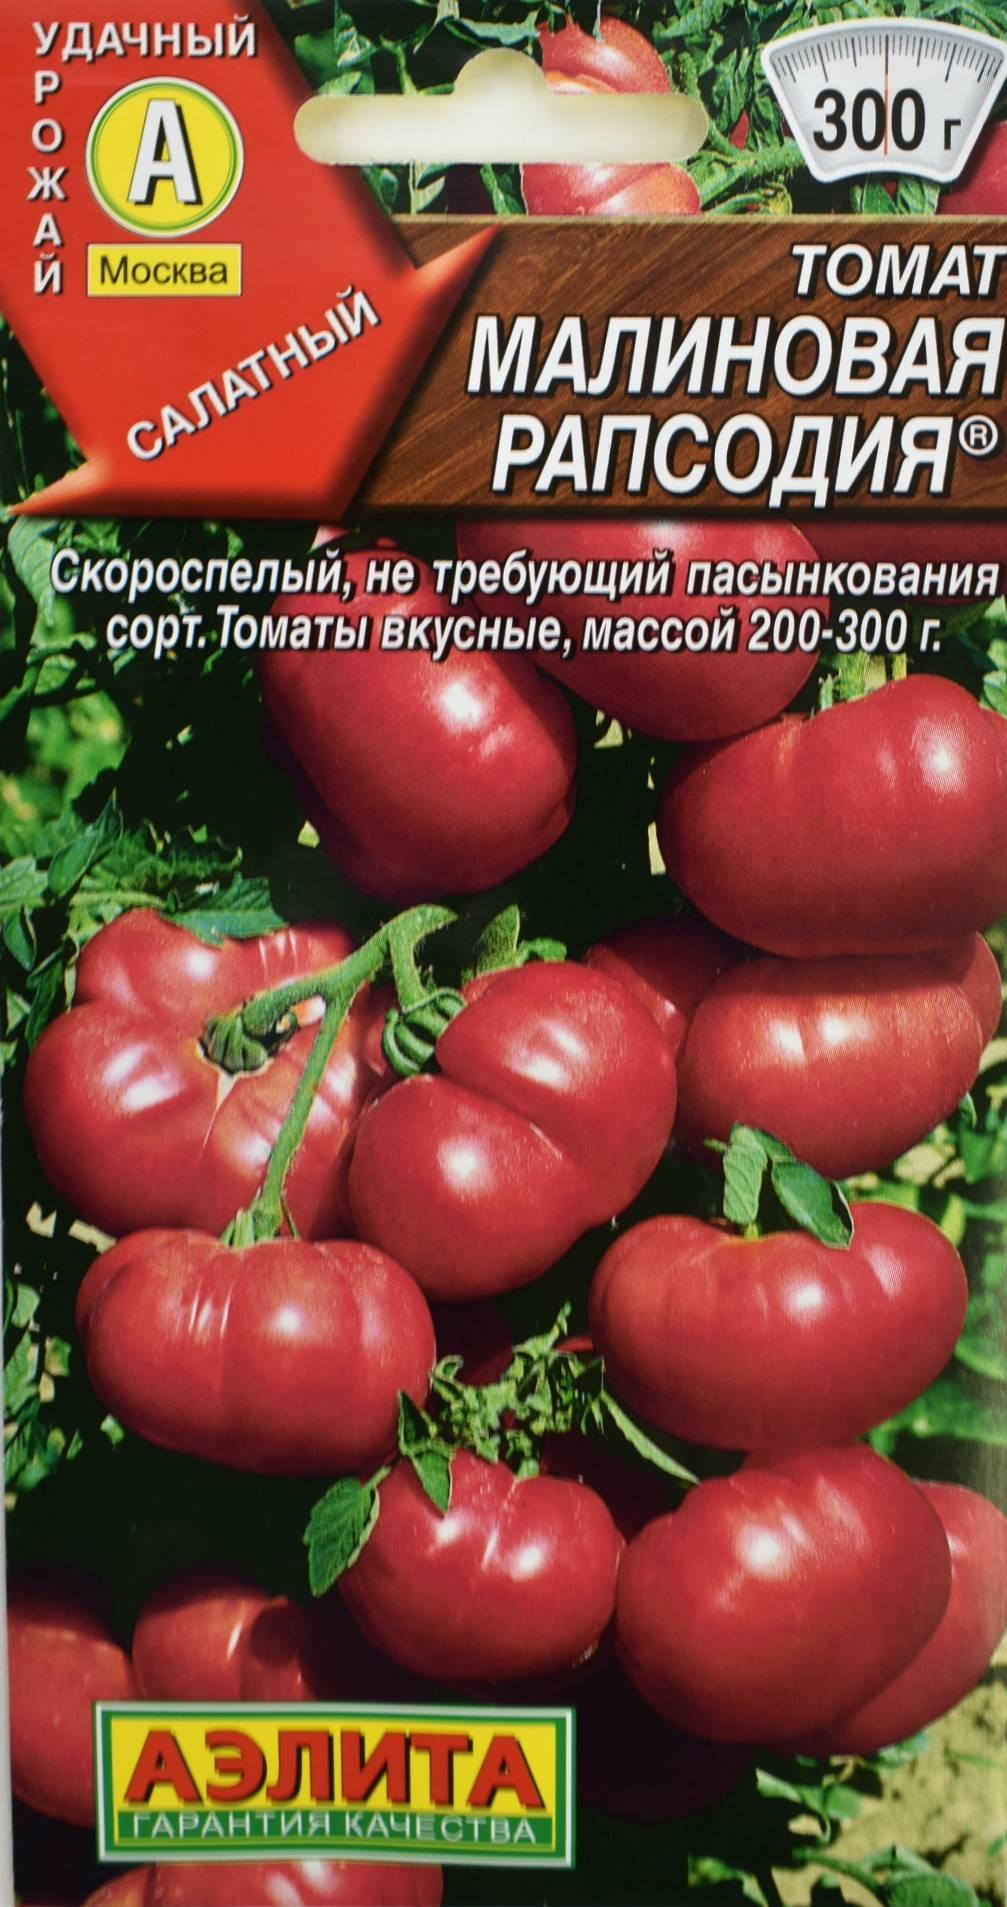 Томат рапсодия: описание, отзывы, фото, характеристика   tomatland.ru